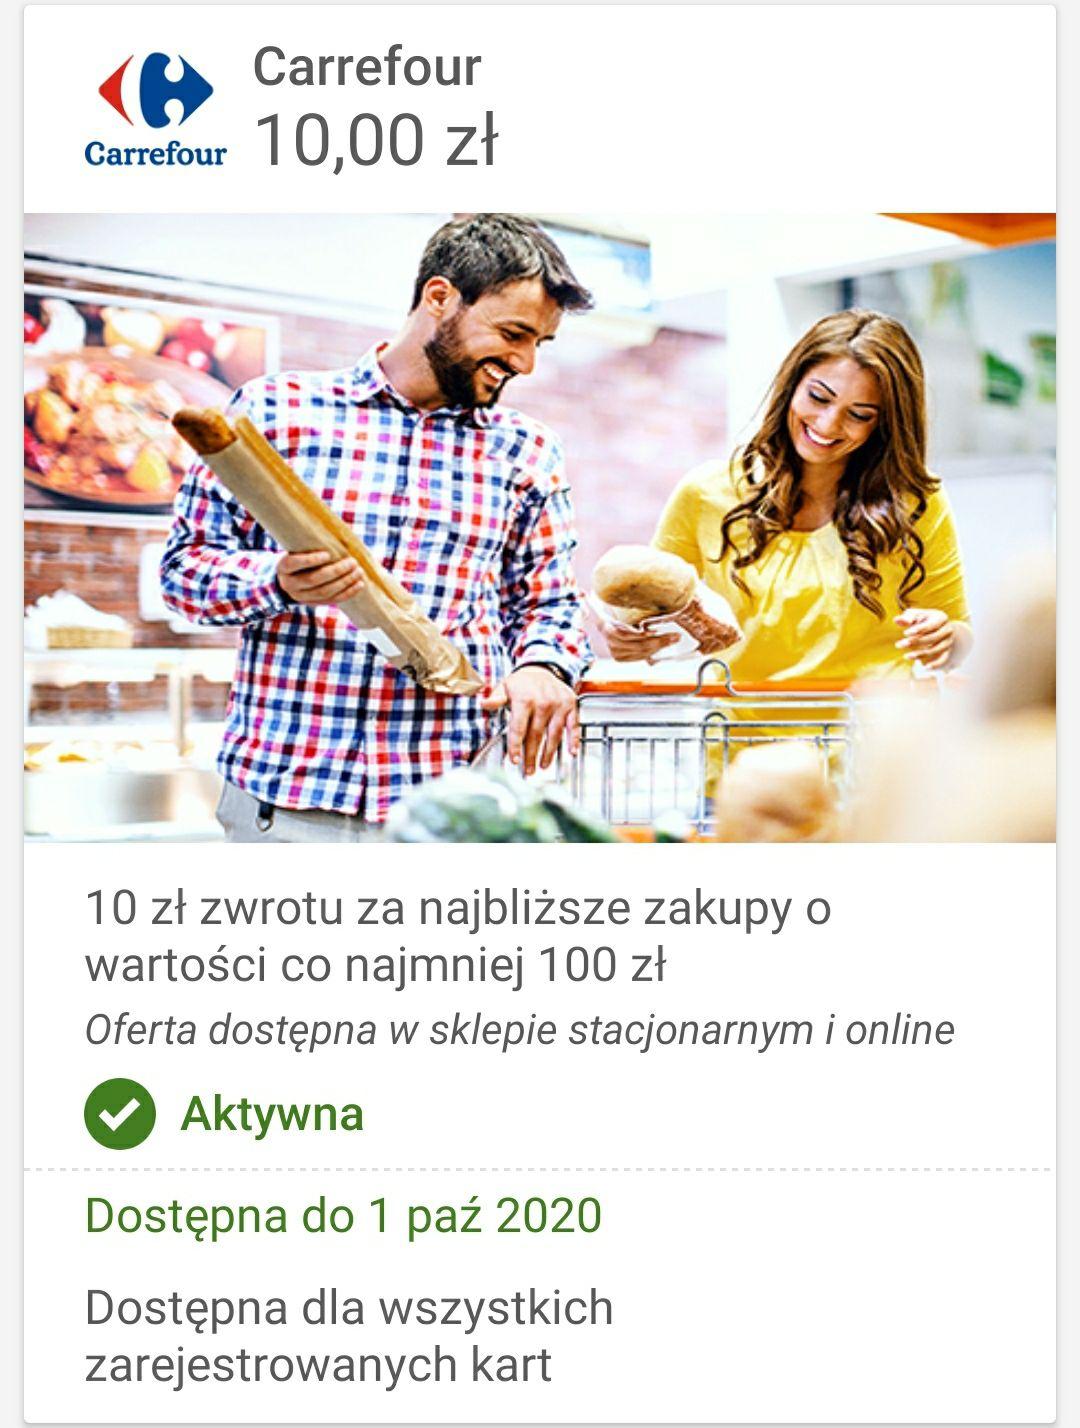 10zl zwrotu Carrefour z Visa Oferty